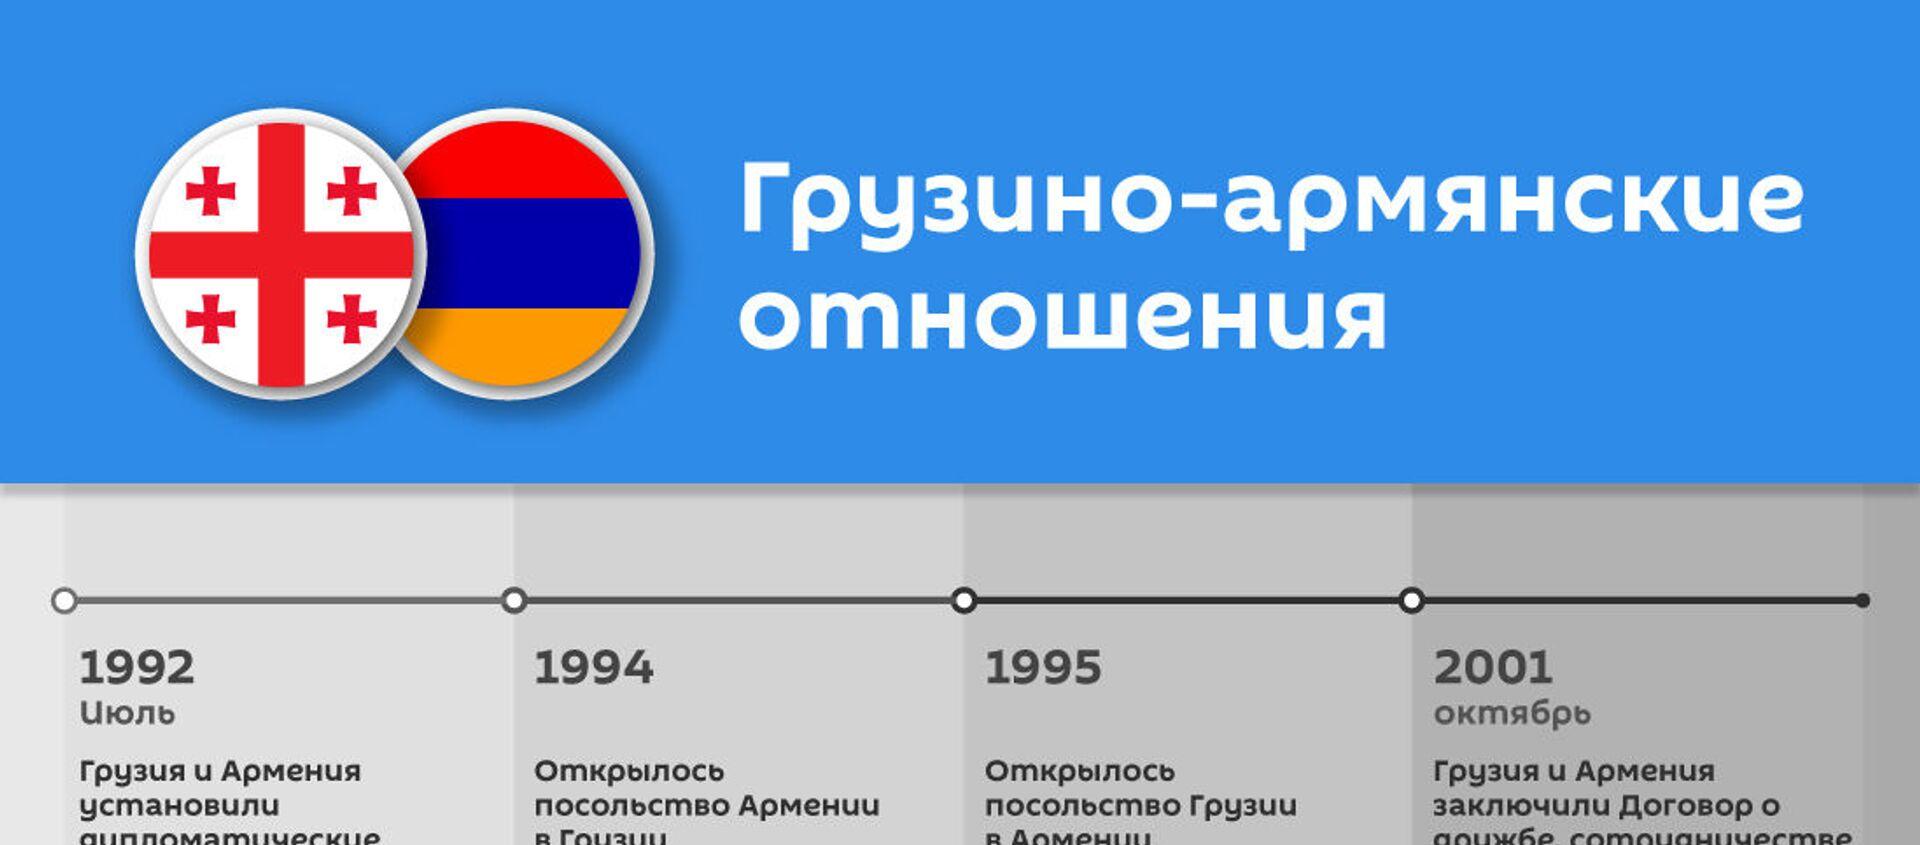 Грузино-армянские отношения 2021 - инфографика - Sputnik Грузия, 1920, 15.04.2021